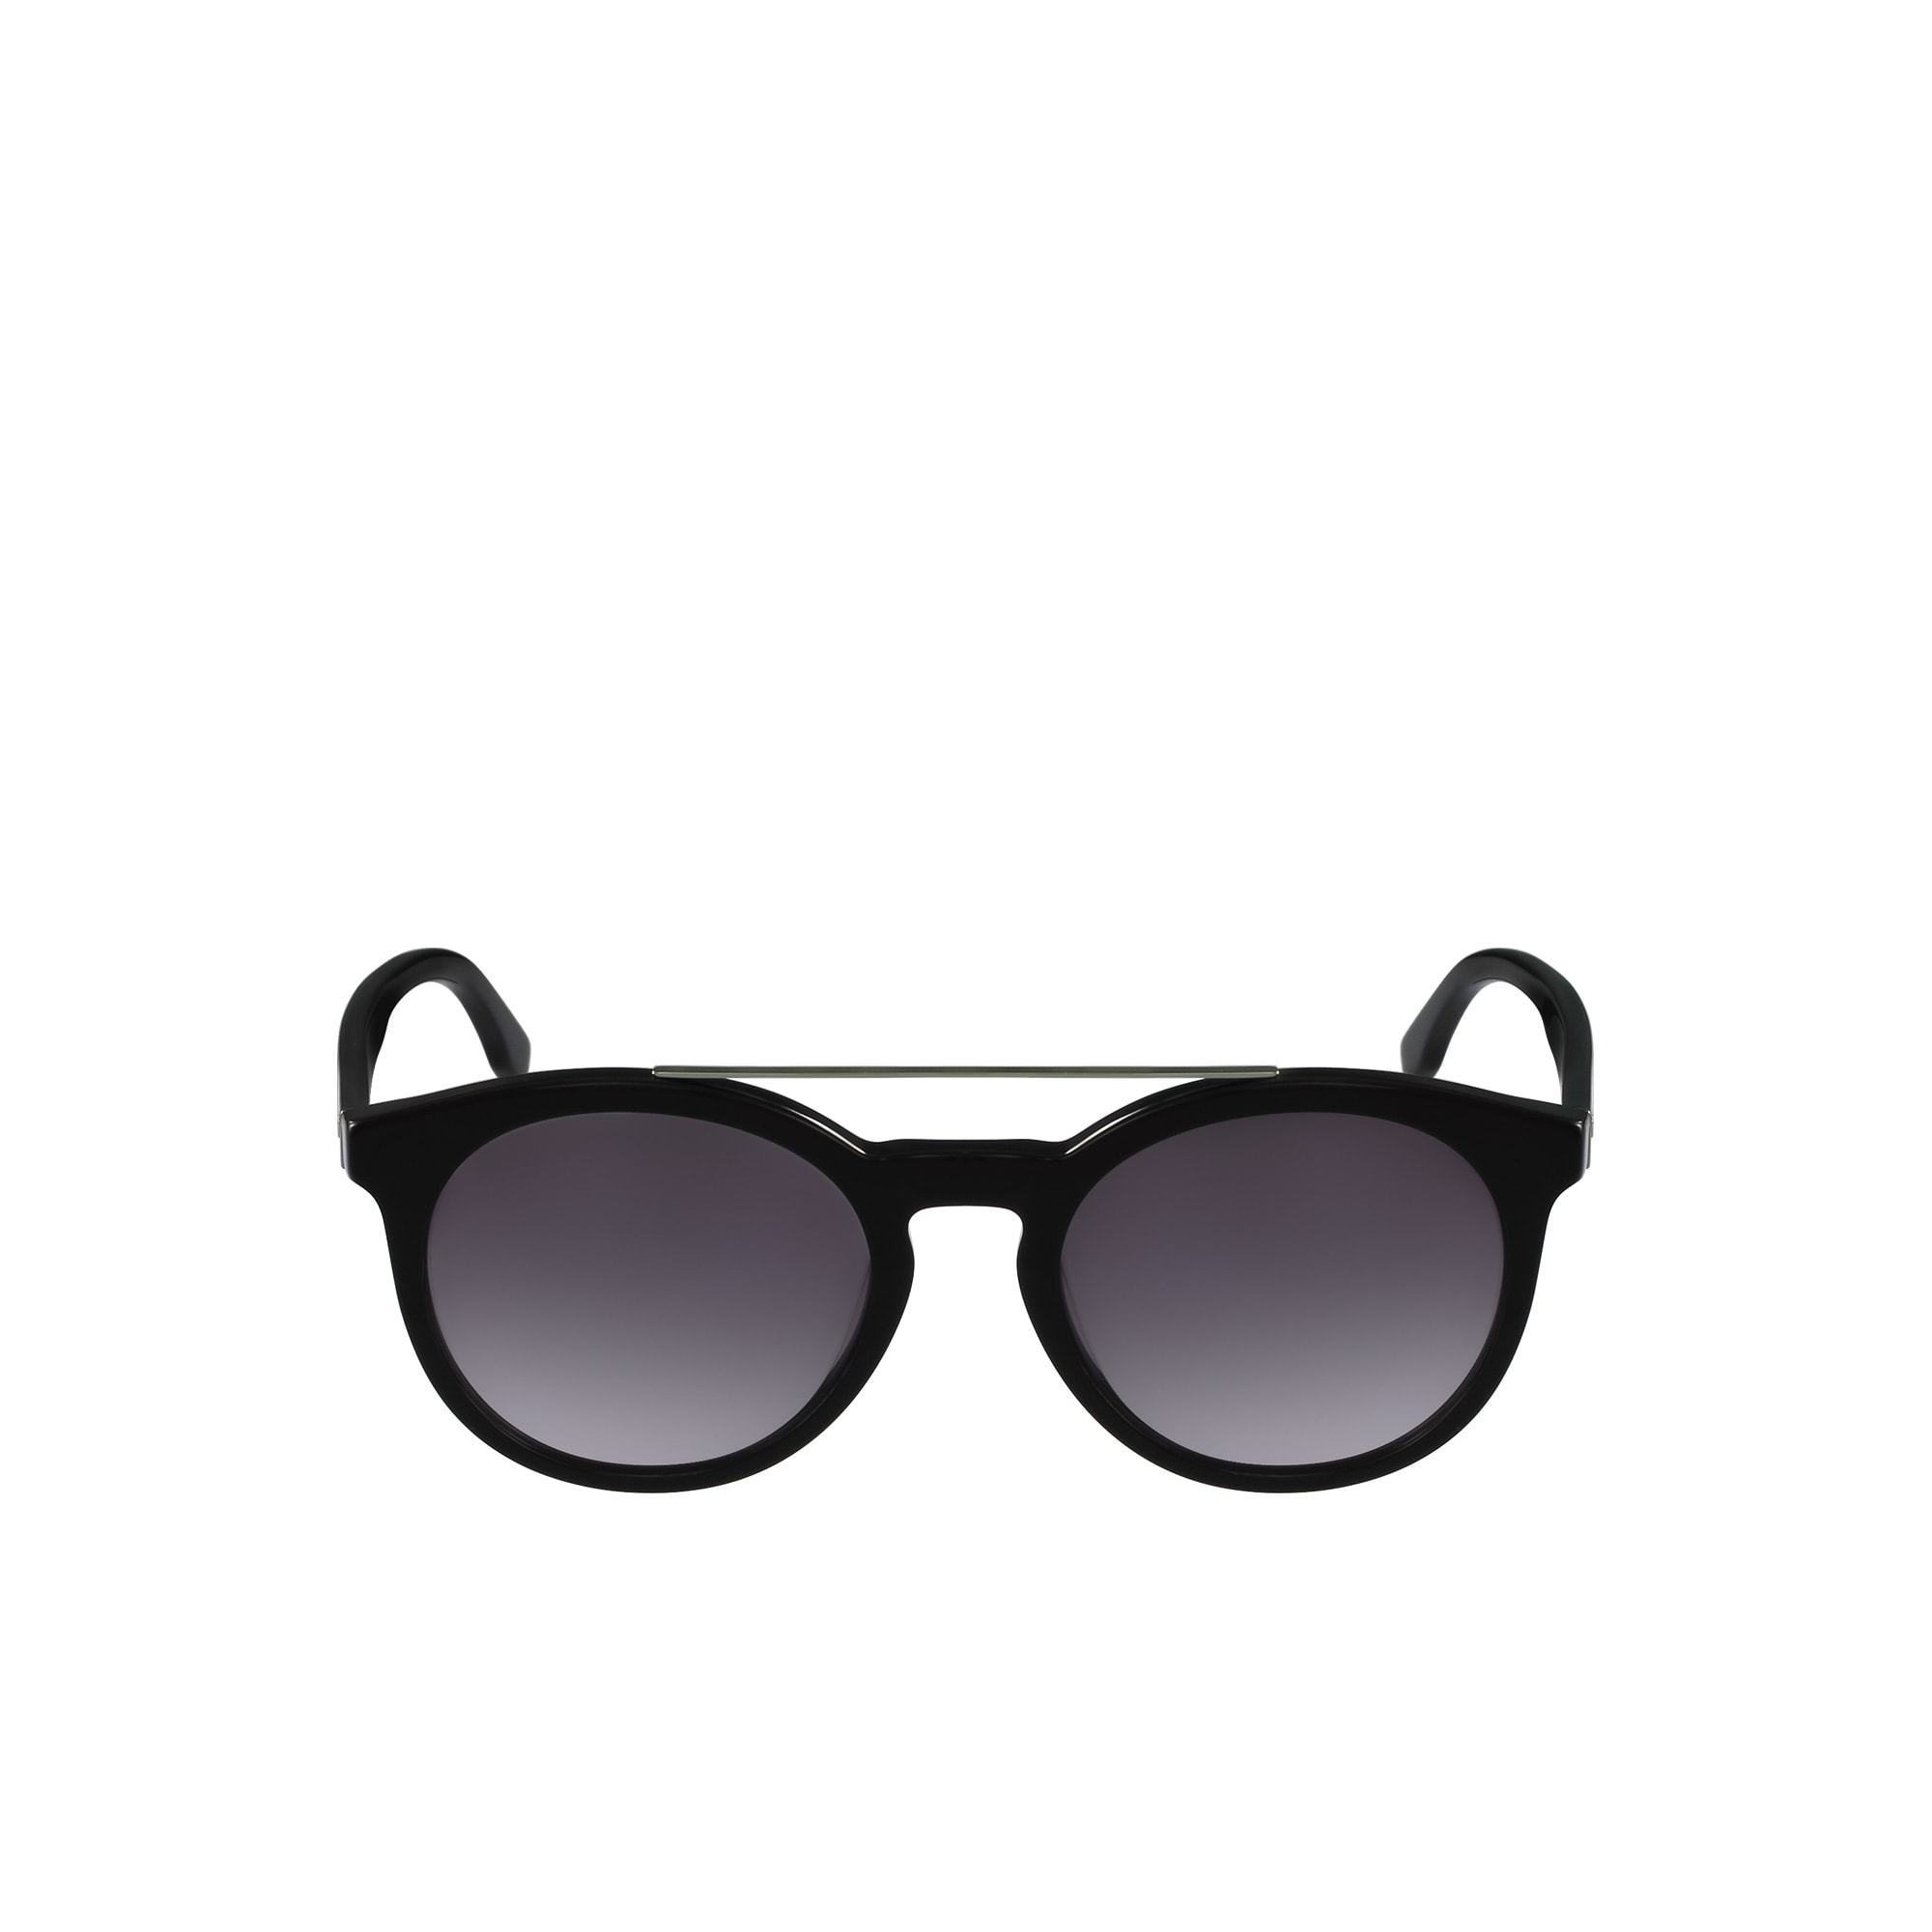 lunettes de soleil accessoires femme lacoste. Black Bedroom Furniture Sets. Home Design Ideas